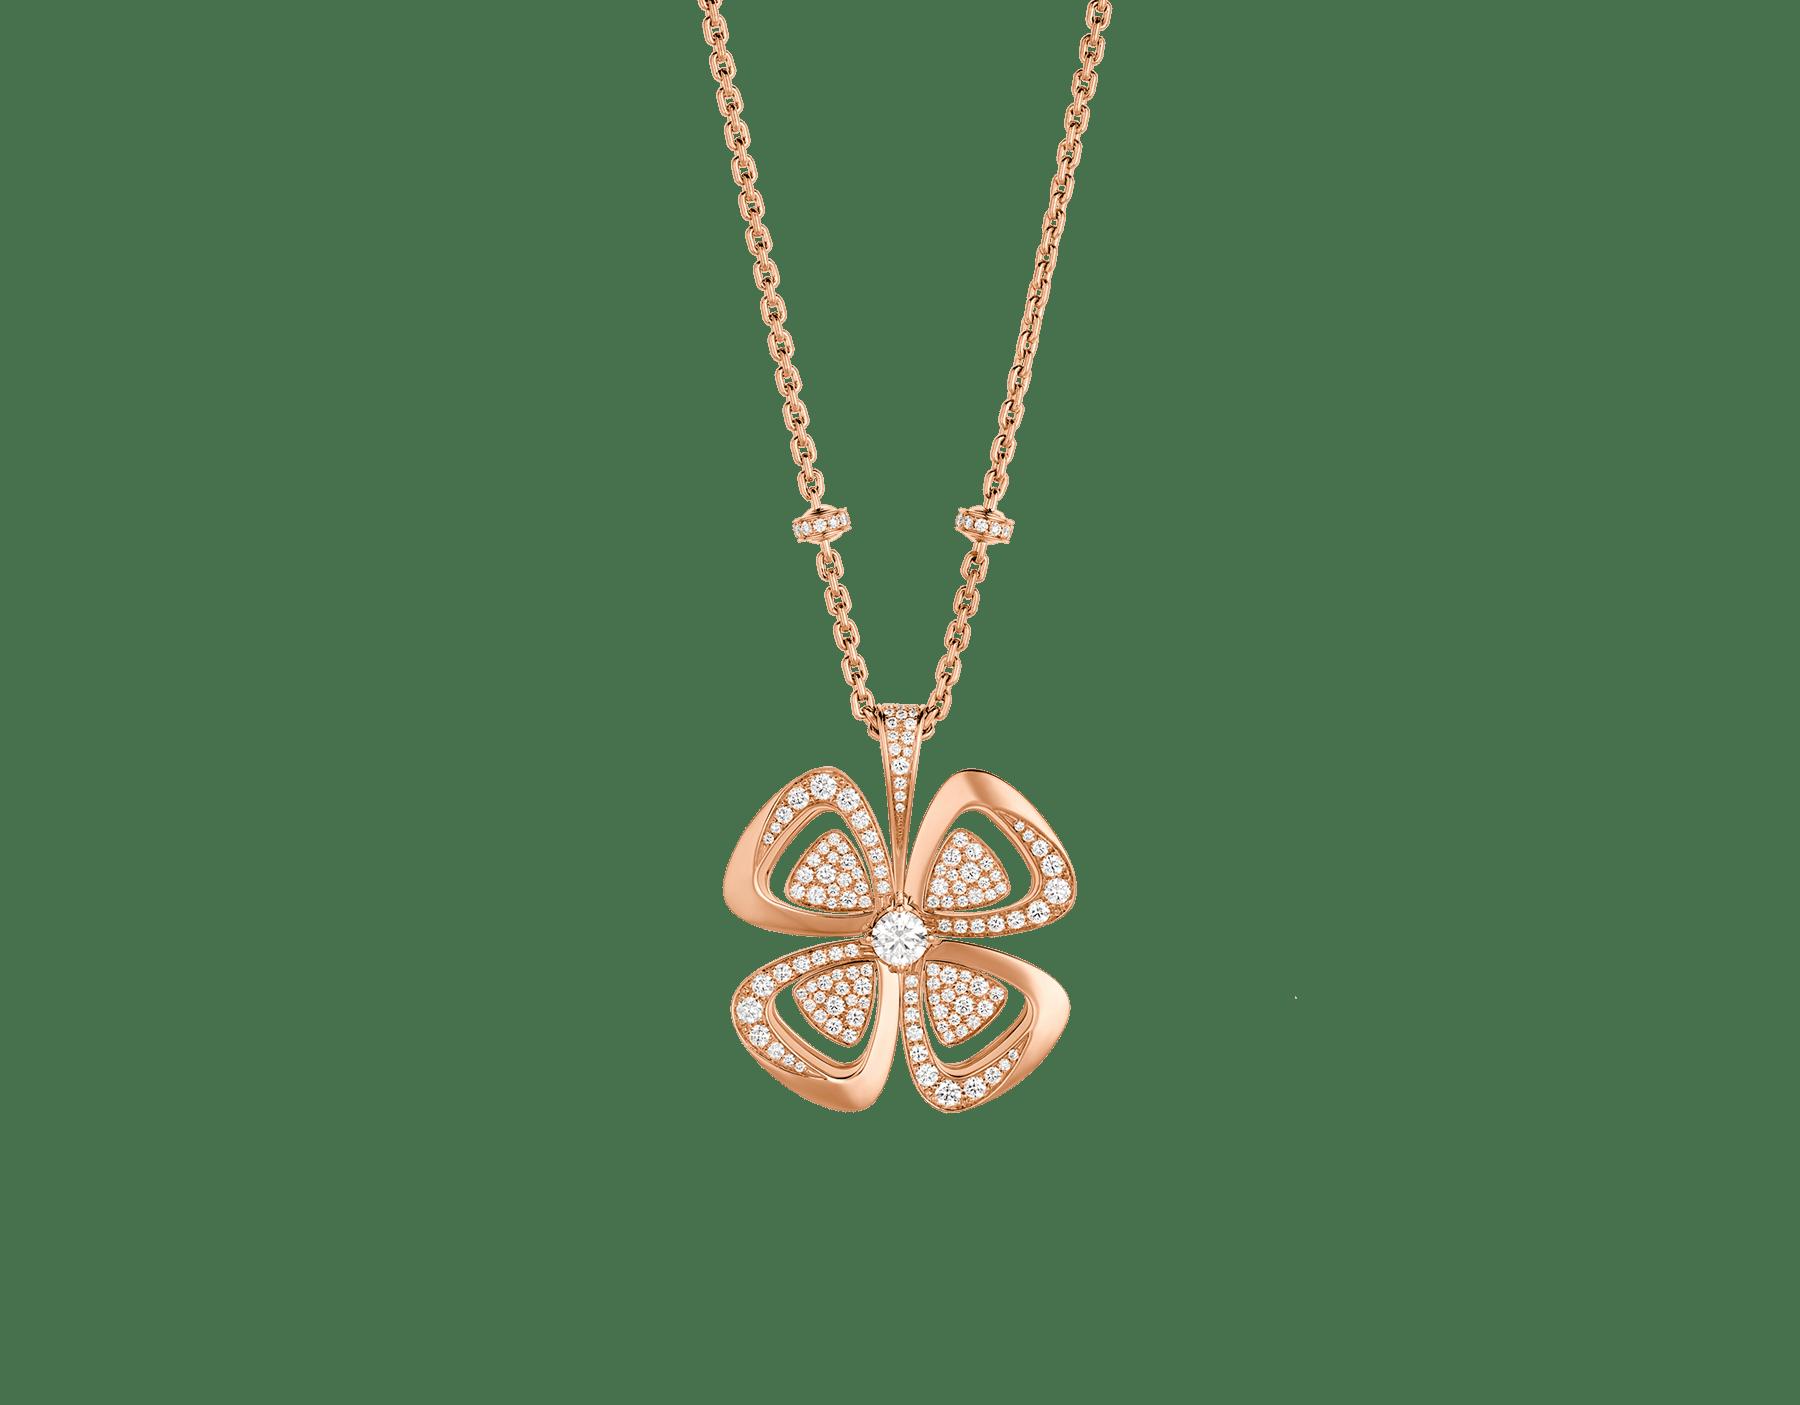 Collier Fiorever en or rose 18K serti d'un diamant rond taille brillant au centre (0,70ct) et pavé diamants (3,55cts). 357218 image 1